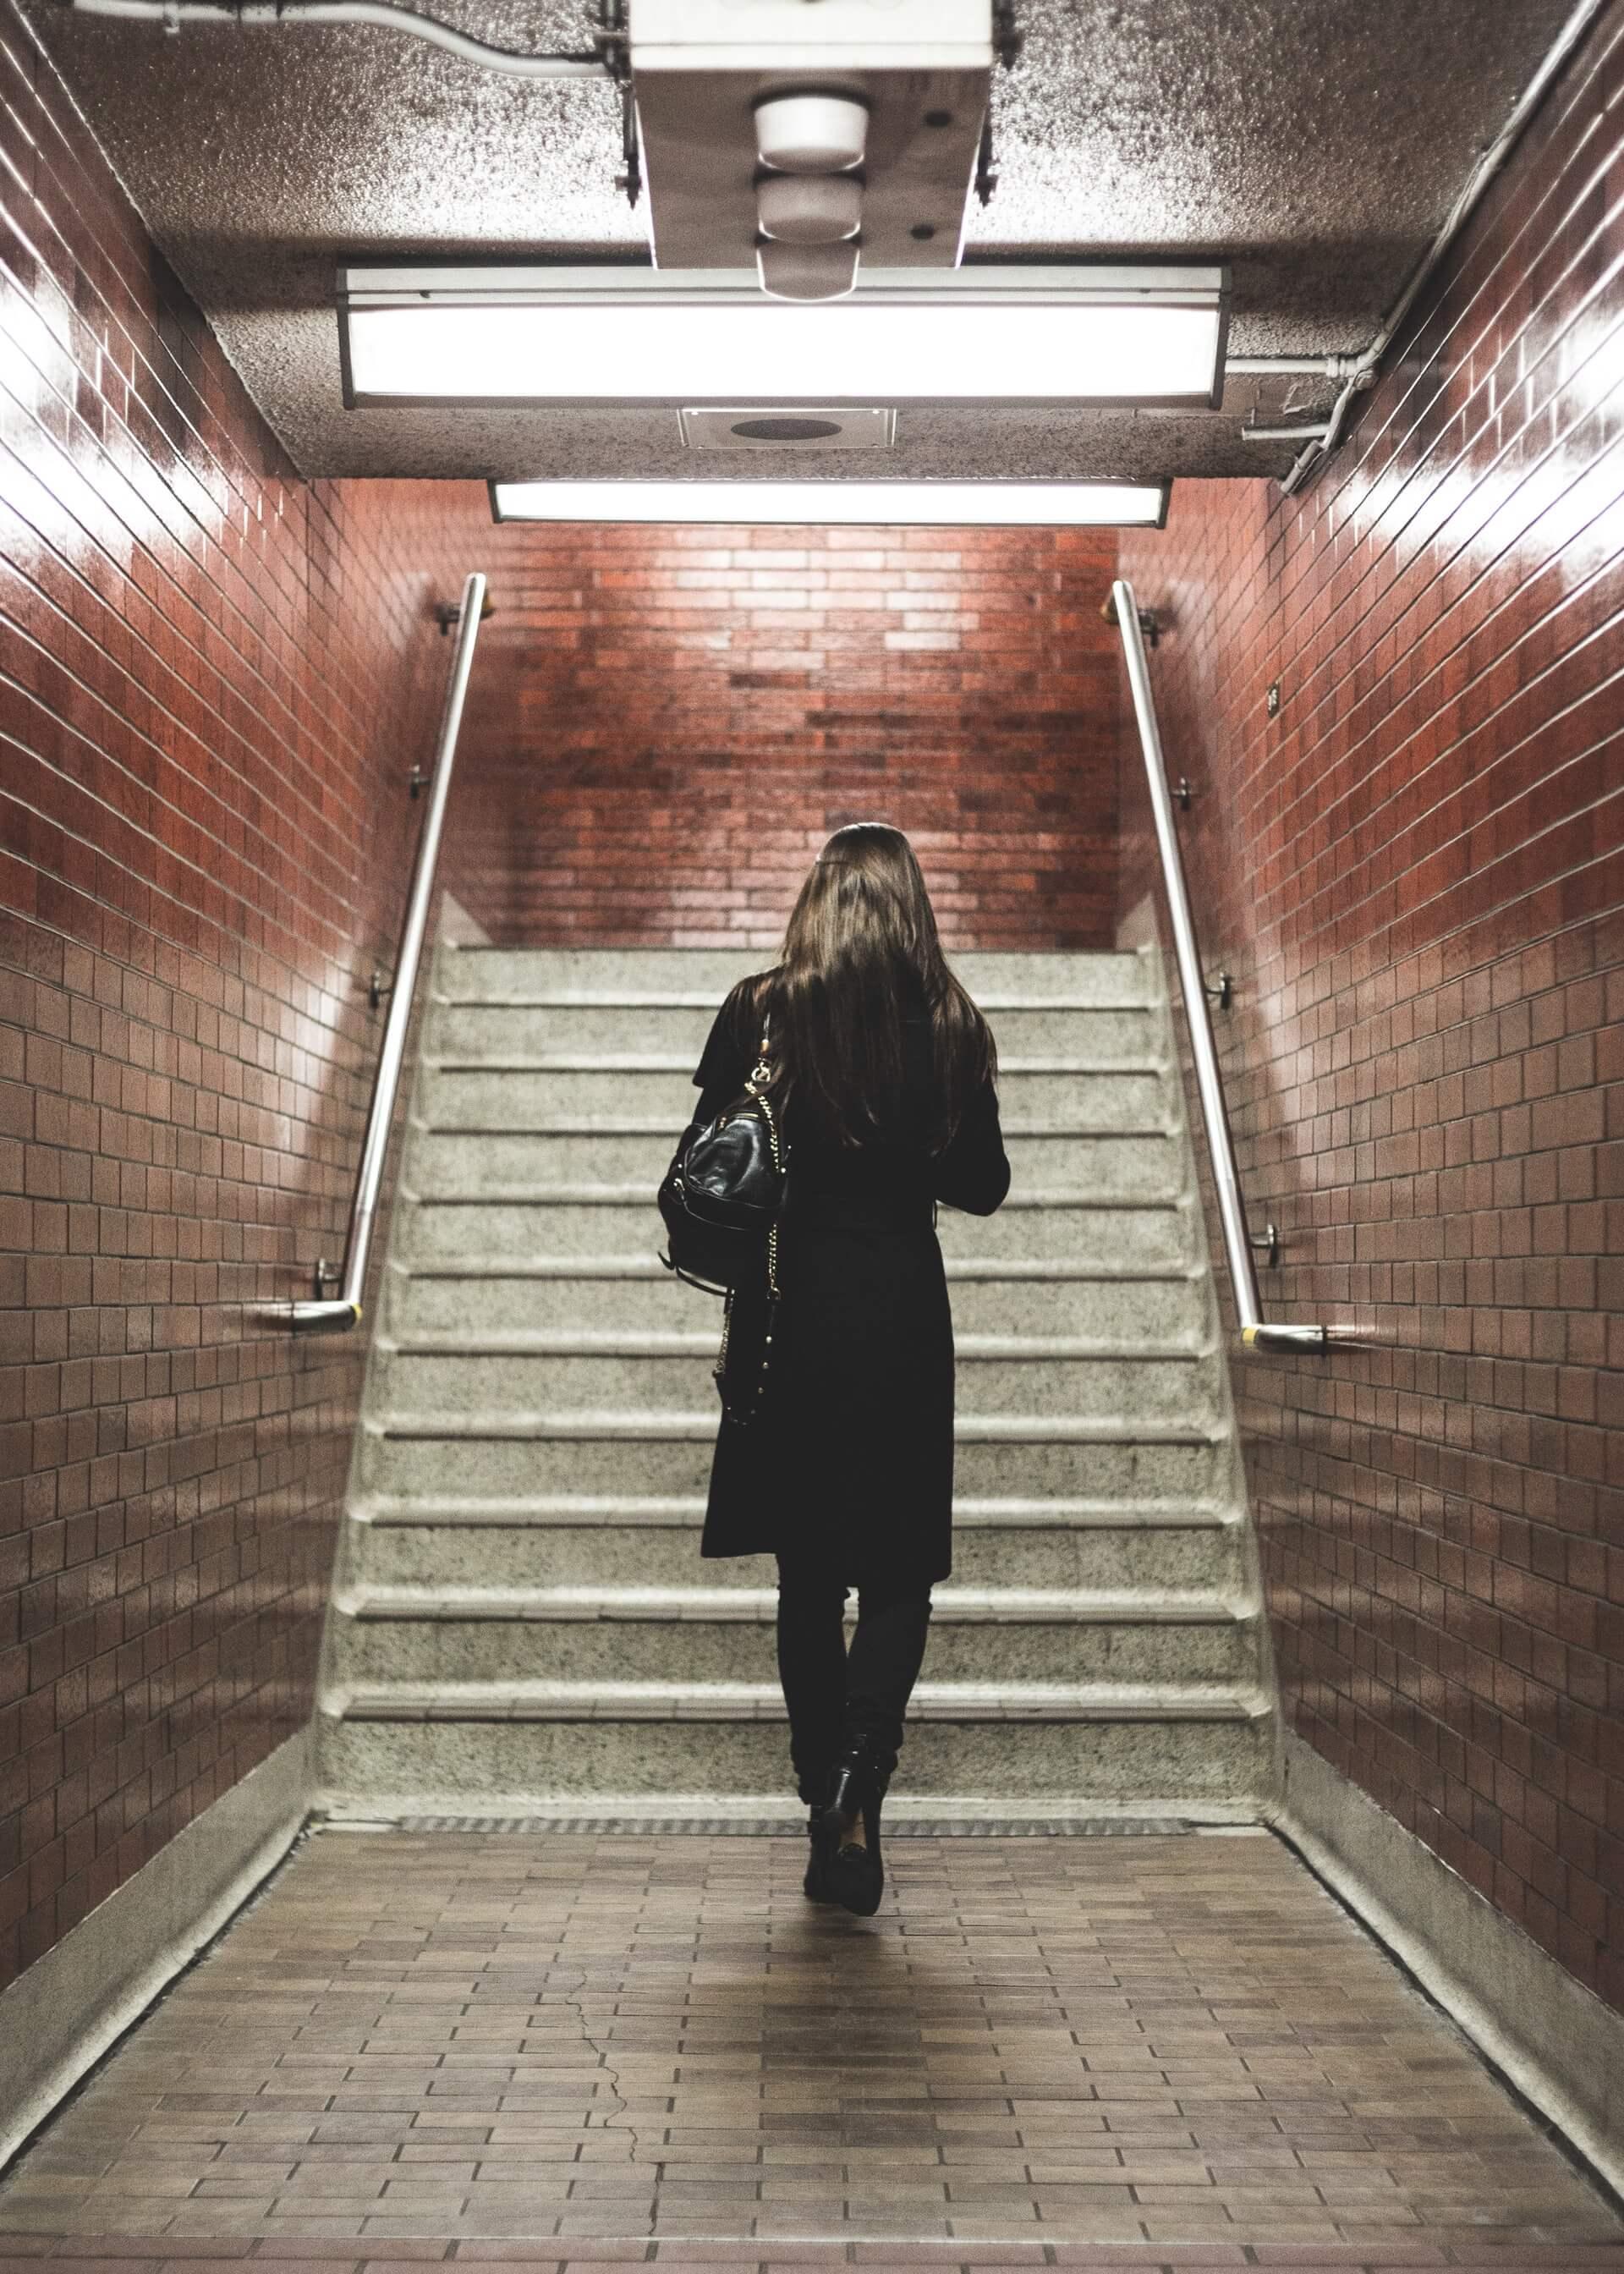 femme métro routine quotidien transport dos